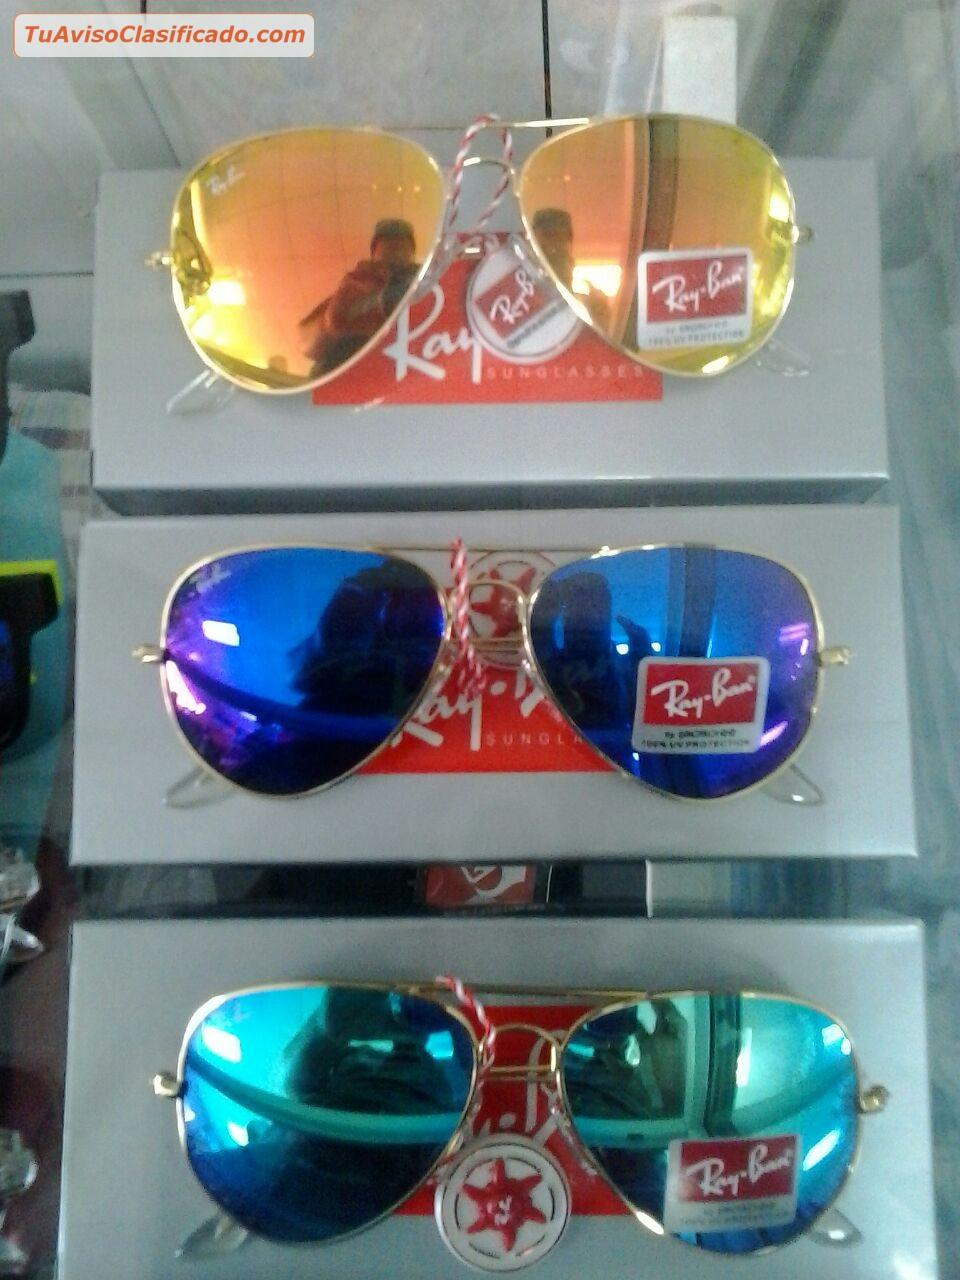 7bf852b375 Vendo ropa de marca para hombre y mujeres bastante barata  gafas p...